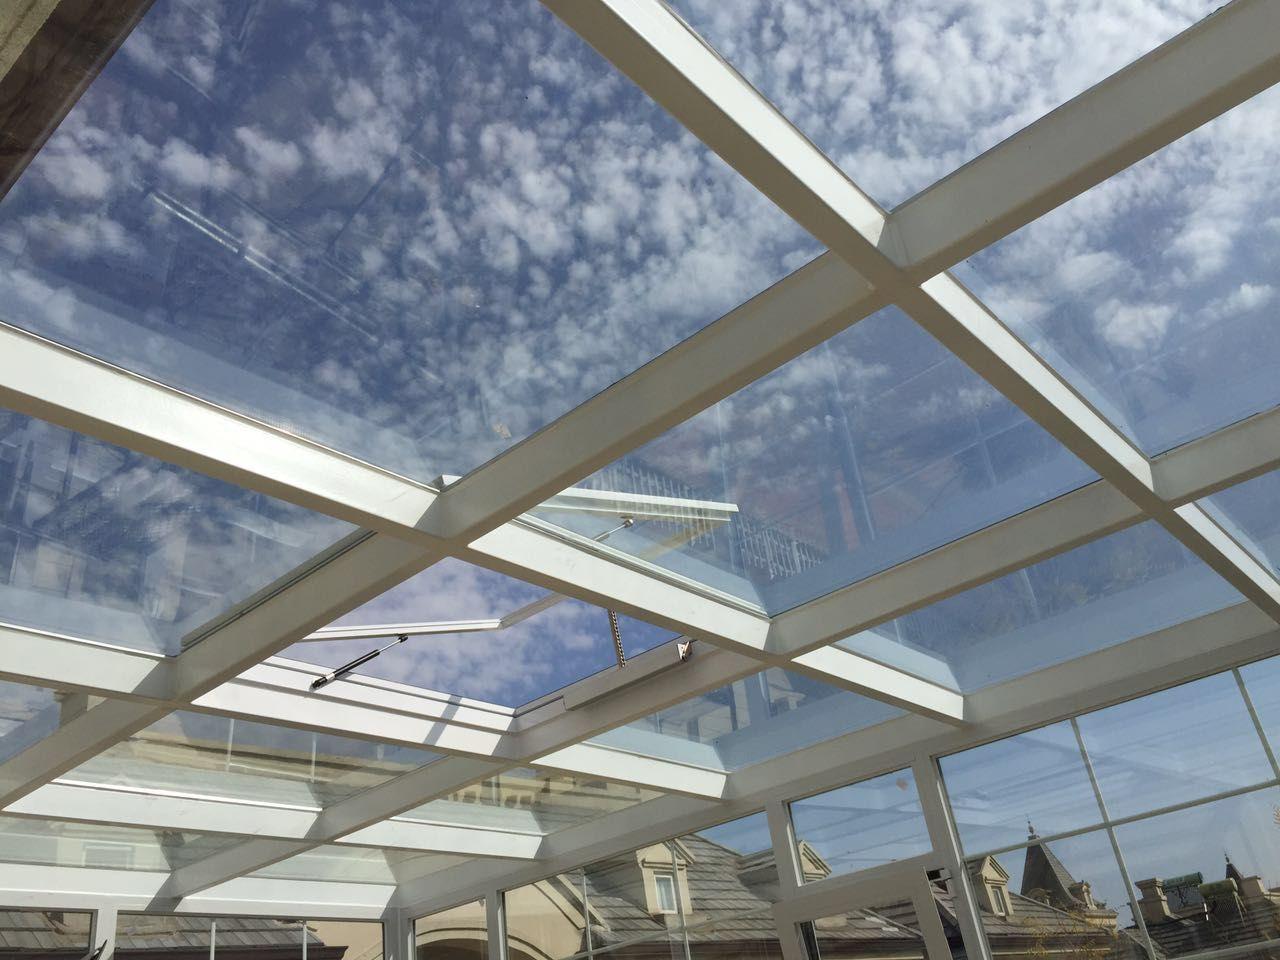 如果阳光房用来晾晒衣服或存储杂物,那么保证使用安全即可,不需要把钱花在断桥铝、夹胶中空玻璃等提升隔热保温性能方面的增项。 如果阳光房偶尔会客、种种绿植,需要环境稍微好点,那么阳光房要强调一个通风体验。通过窗型选择开启灵活的推拉窗,增加开窗数量、增宽开窗面积等加强通风。 如果阳光房会打扮成茶吧、休闲吧、起居室等生活使用需求更大的场景,那么阳光房一定要在以上基础上,提高隔热保温效果